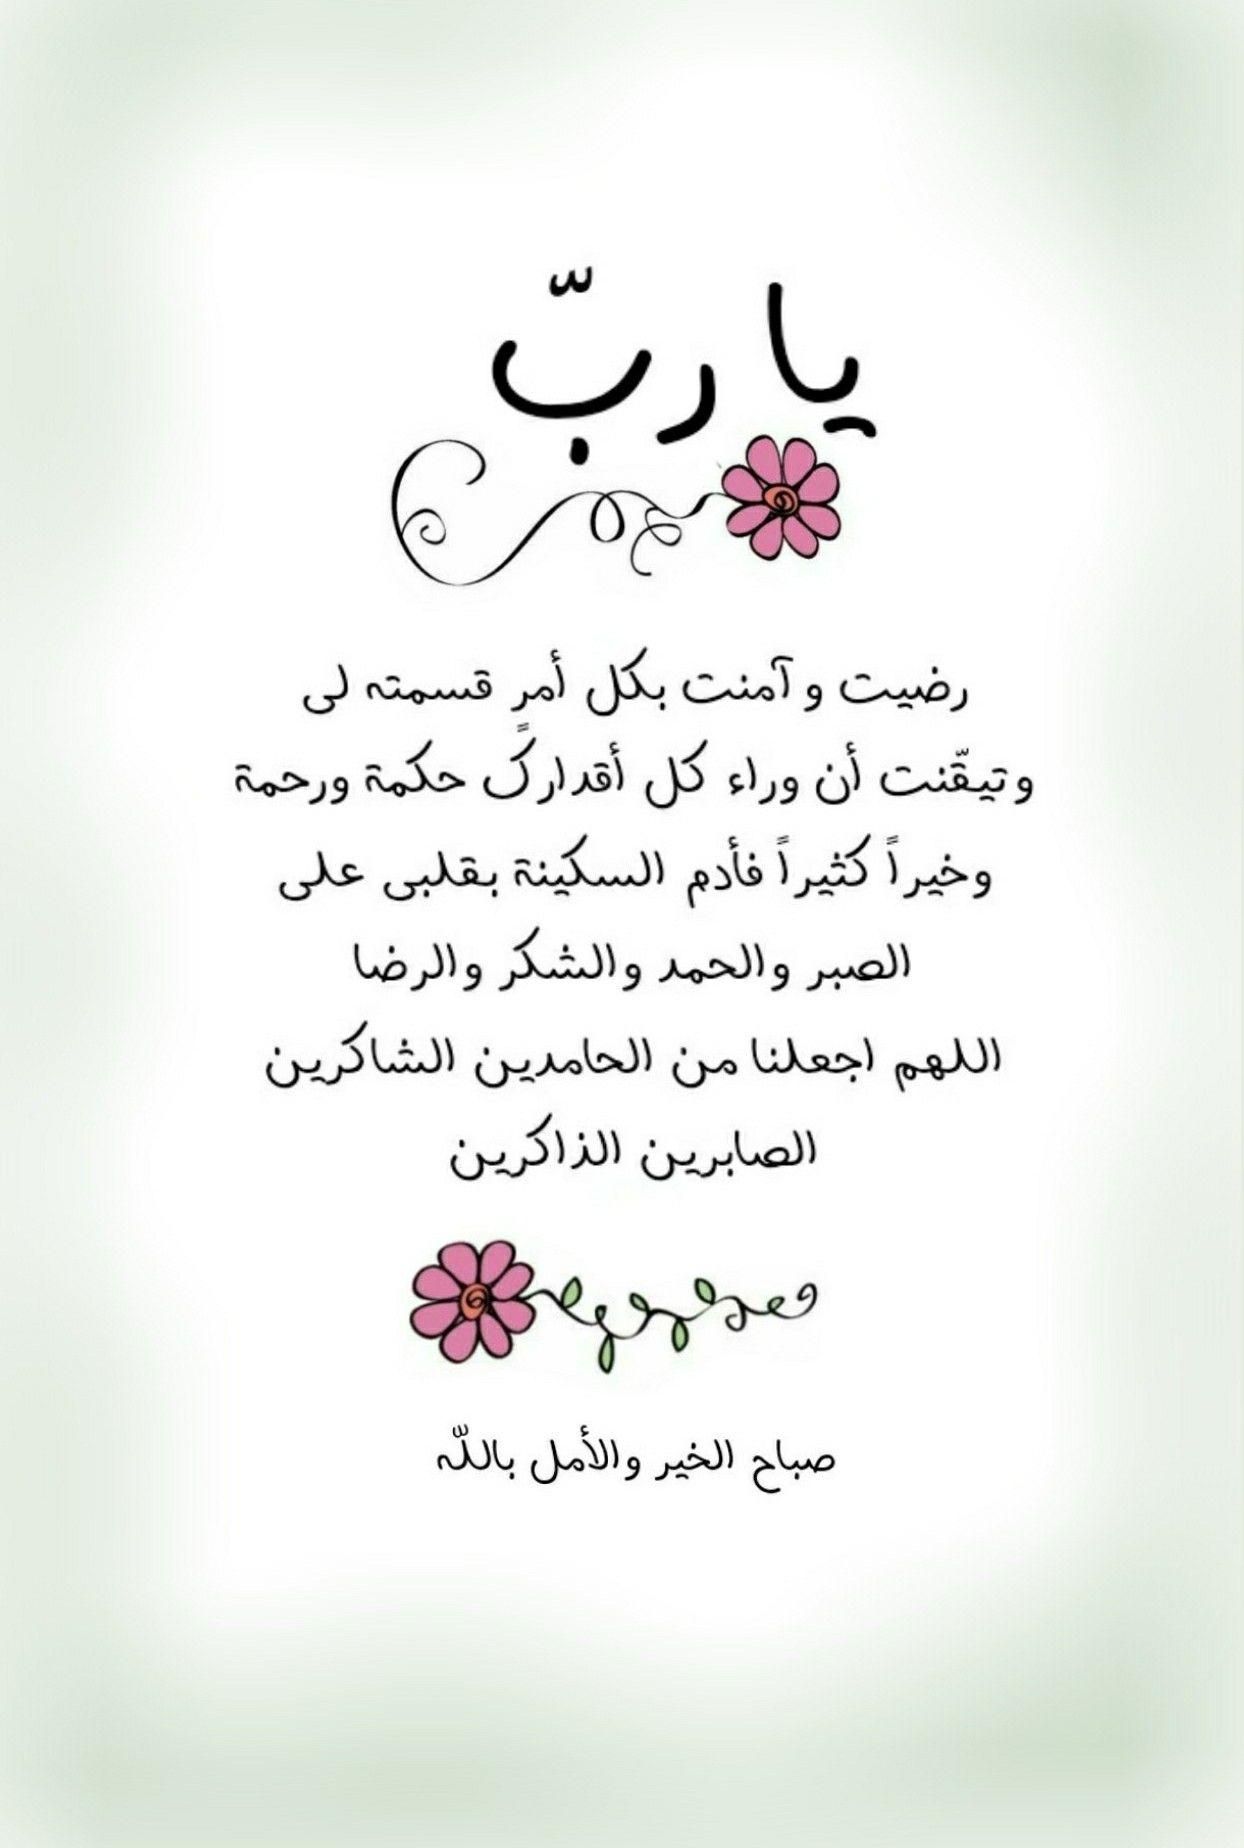 يا رب رضيت وآمنت بكل أمر قسمته لي وتيق نت أن وراء كل أقدارك حكمة ورحمة وخيرا كثيرا فأدم السكينة بقلبي على الصب Morning Greeting Learn Quran Learn Islam